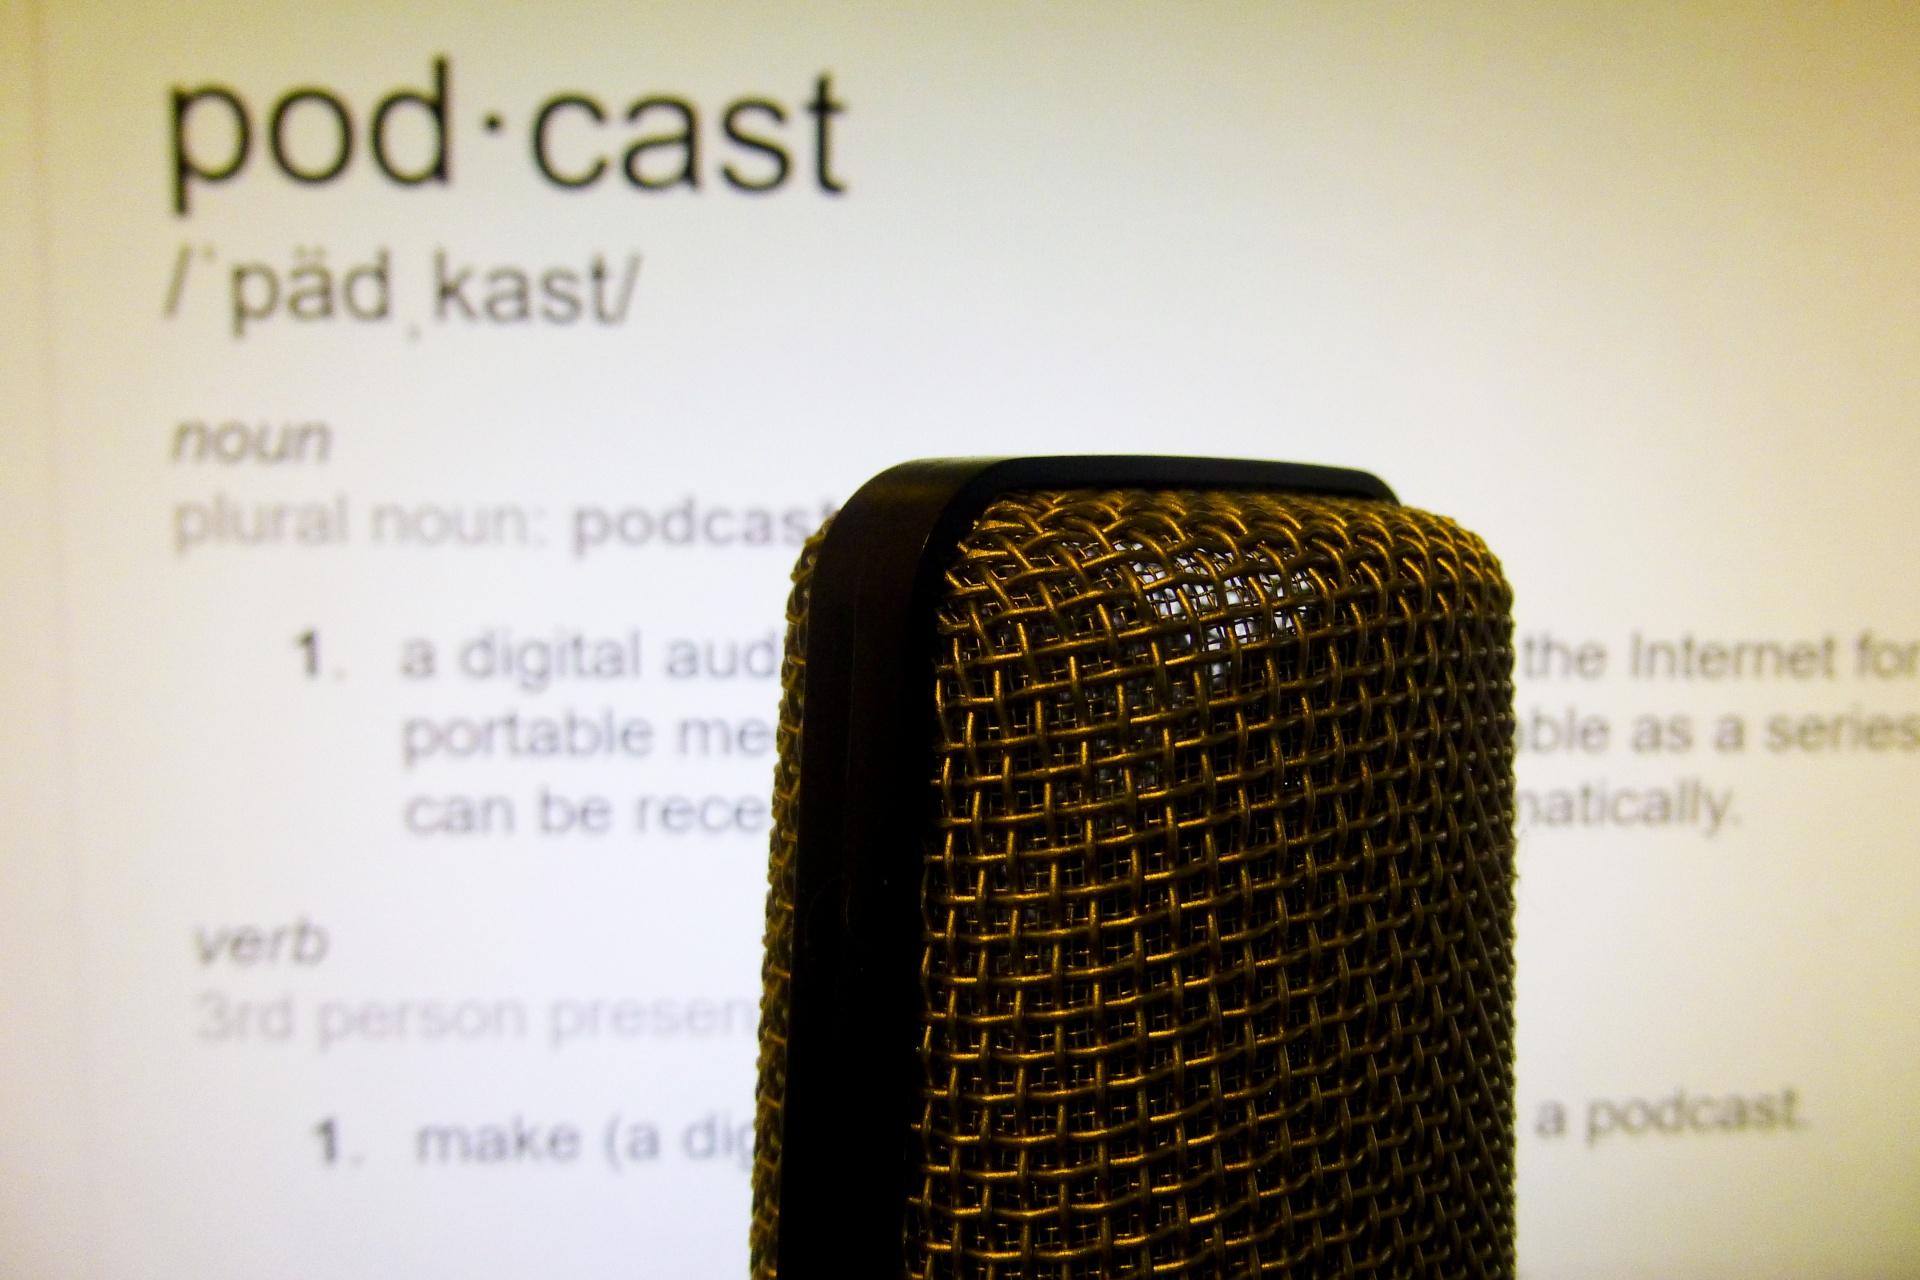 La diffusion des podcasts a explosé depuis quelques années.